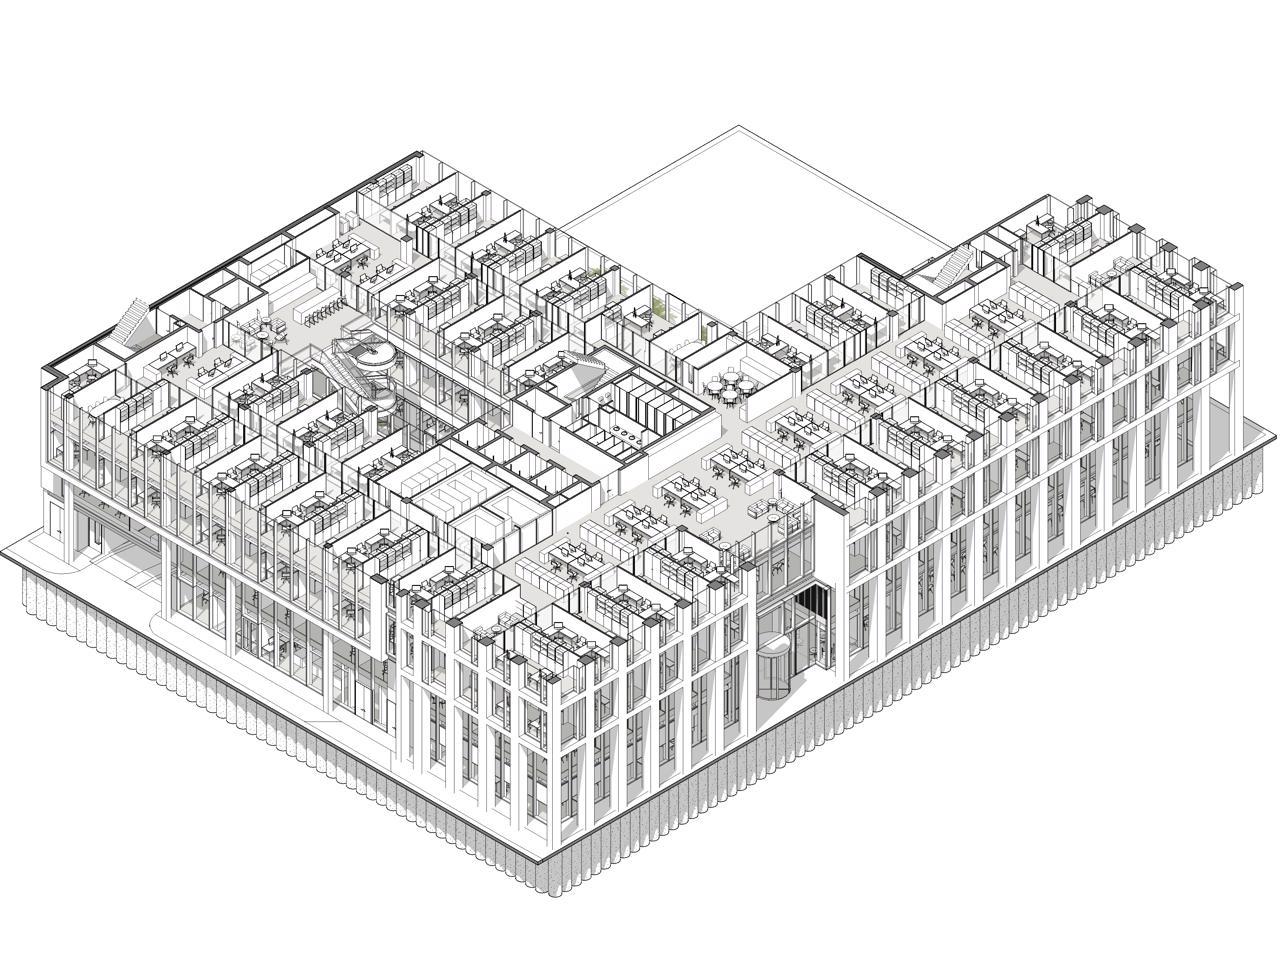 BIM • Scott Tallon Walker Architects